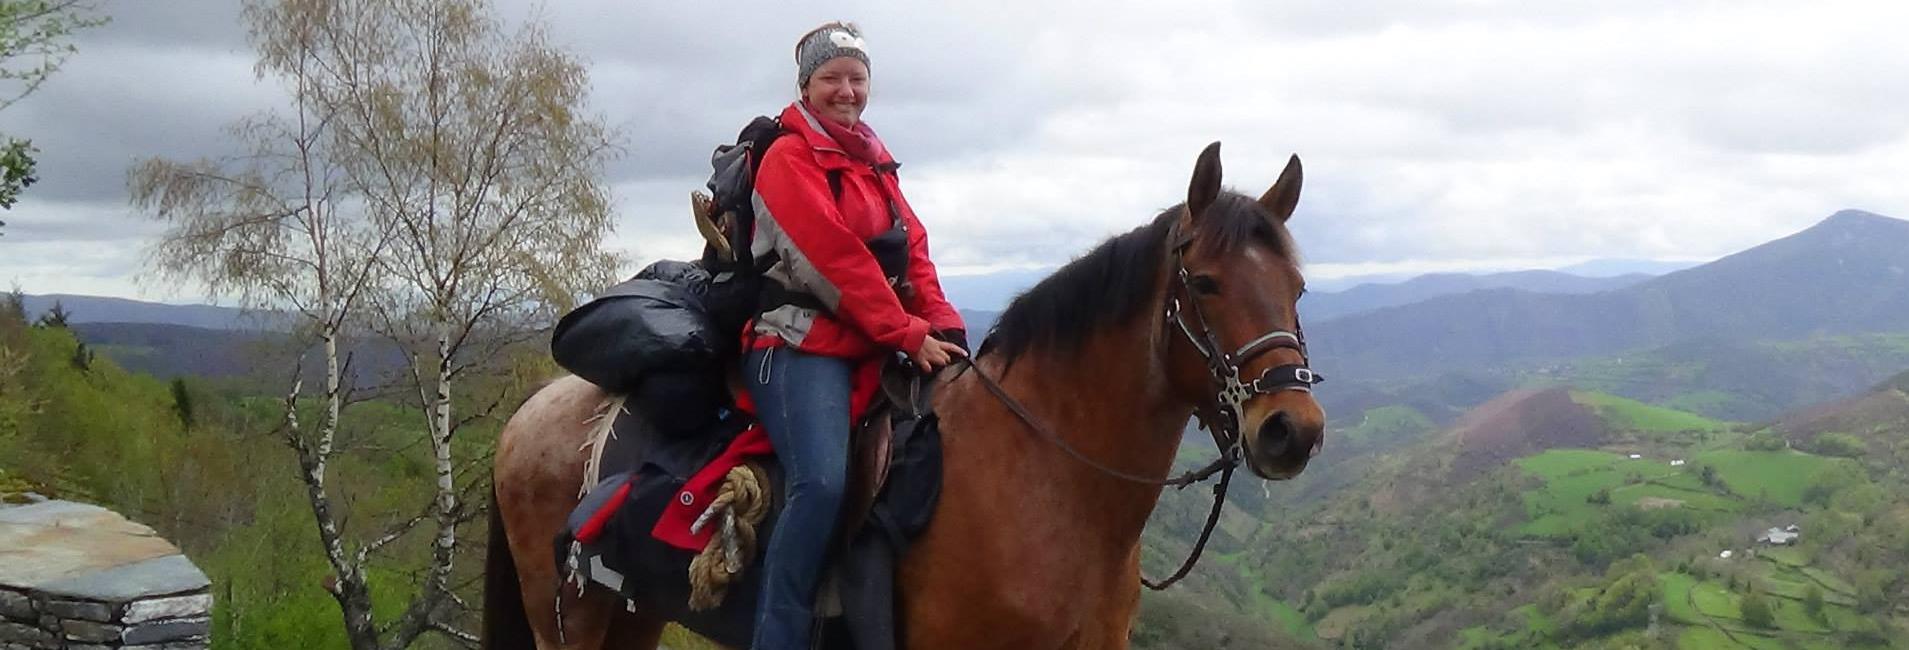 Mit dem Pferd auf dem Jakobsweg – Lisa-Marie im Interview